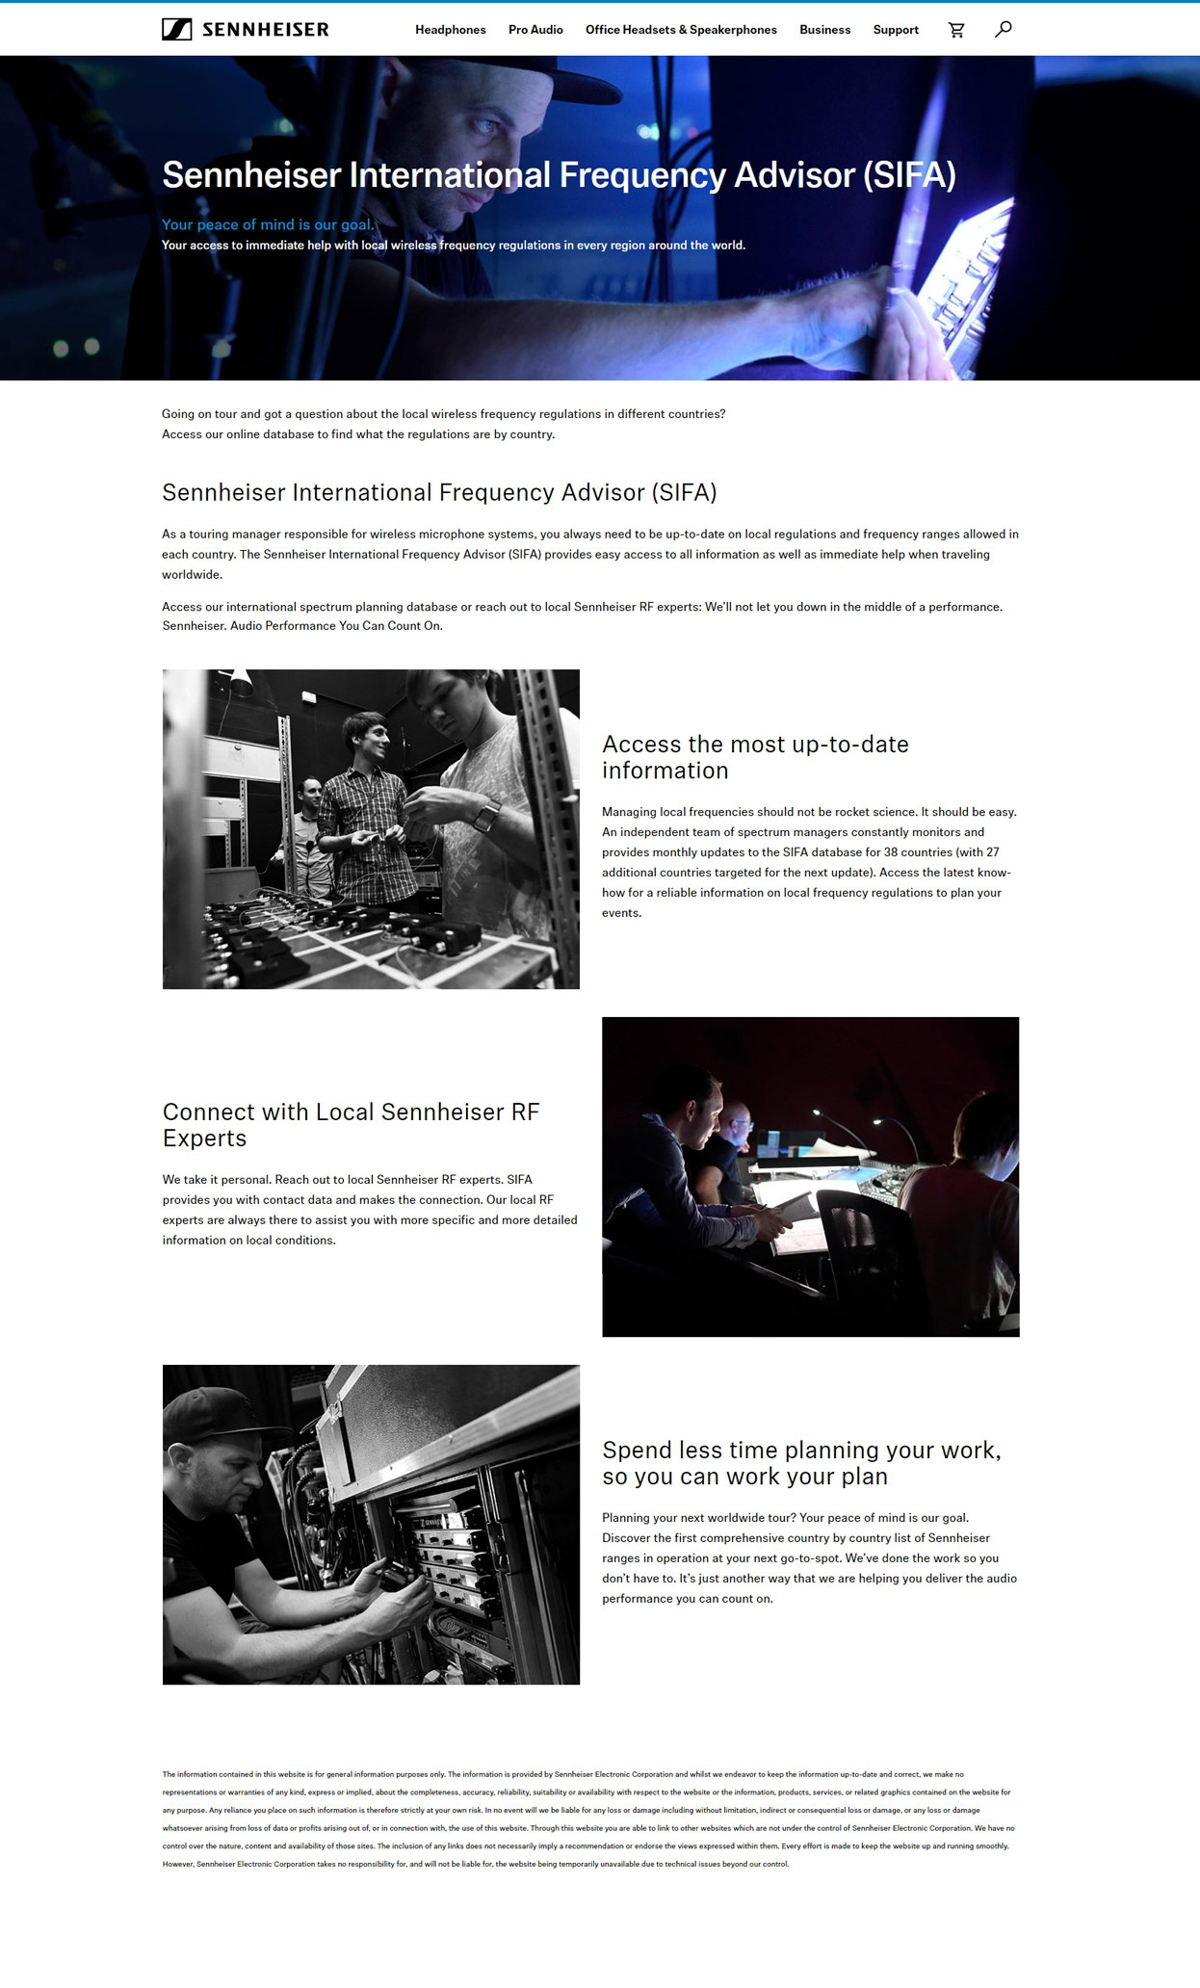 Enhanced Sennheiser website now features international